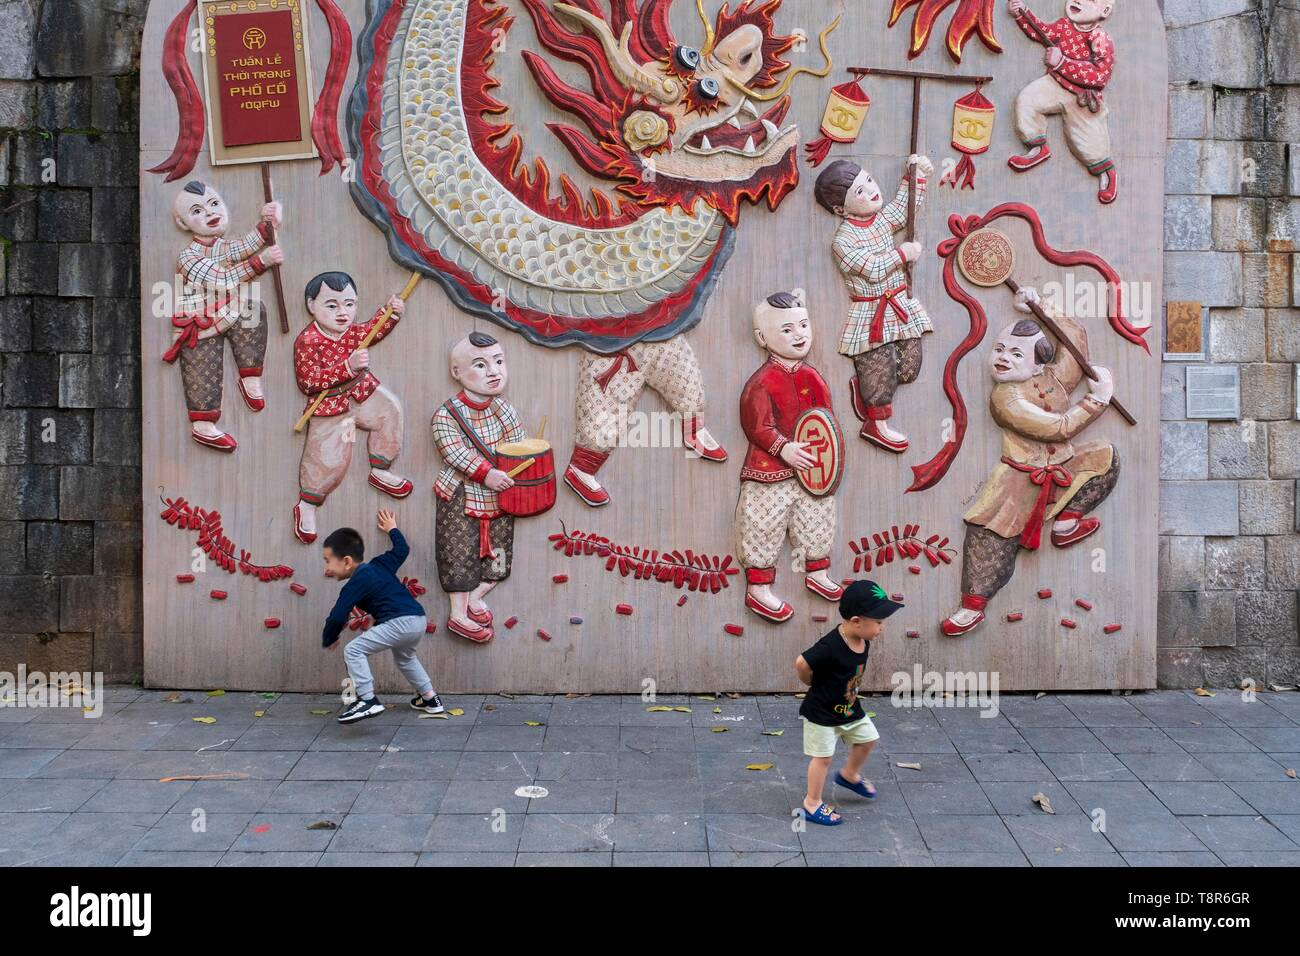 Vietnam, Red River Delta, Hanoi, trompe-l'oeil wall - Stock Image